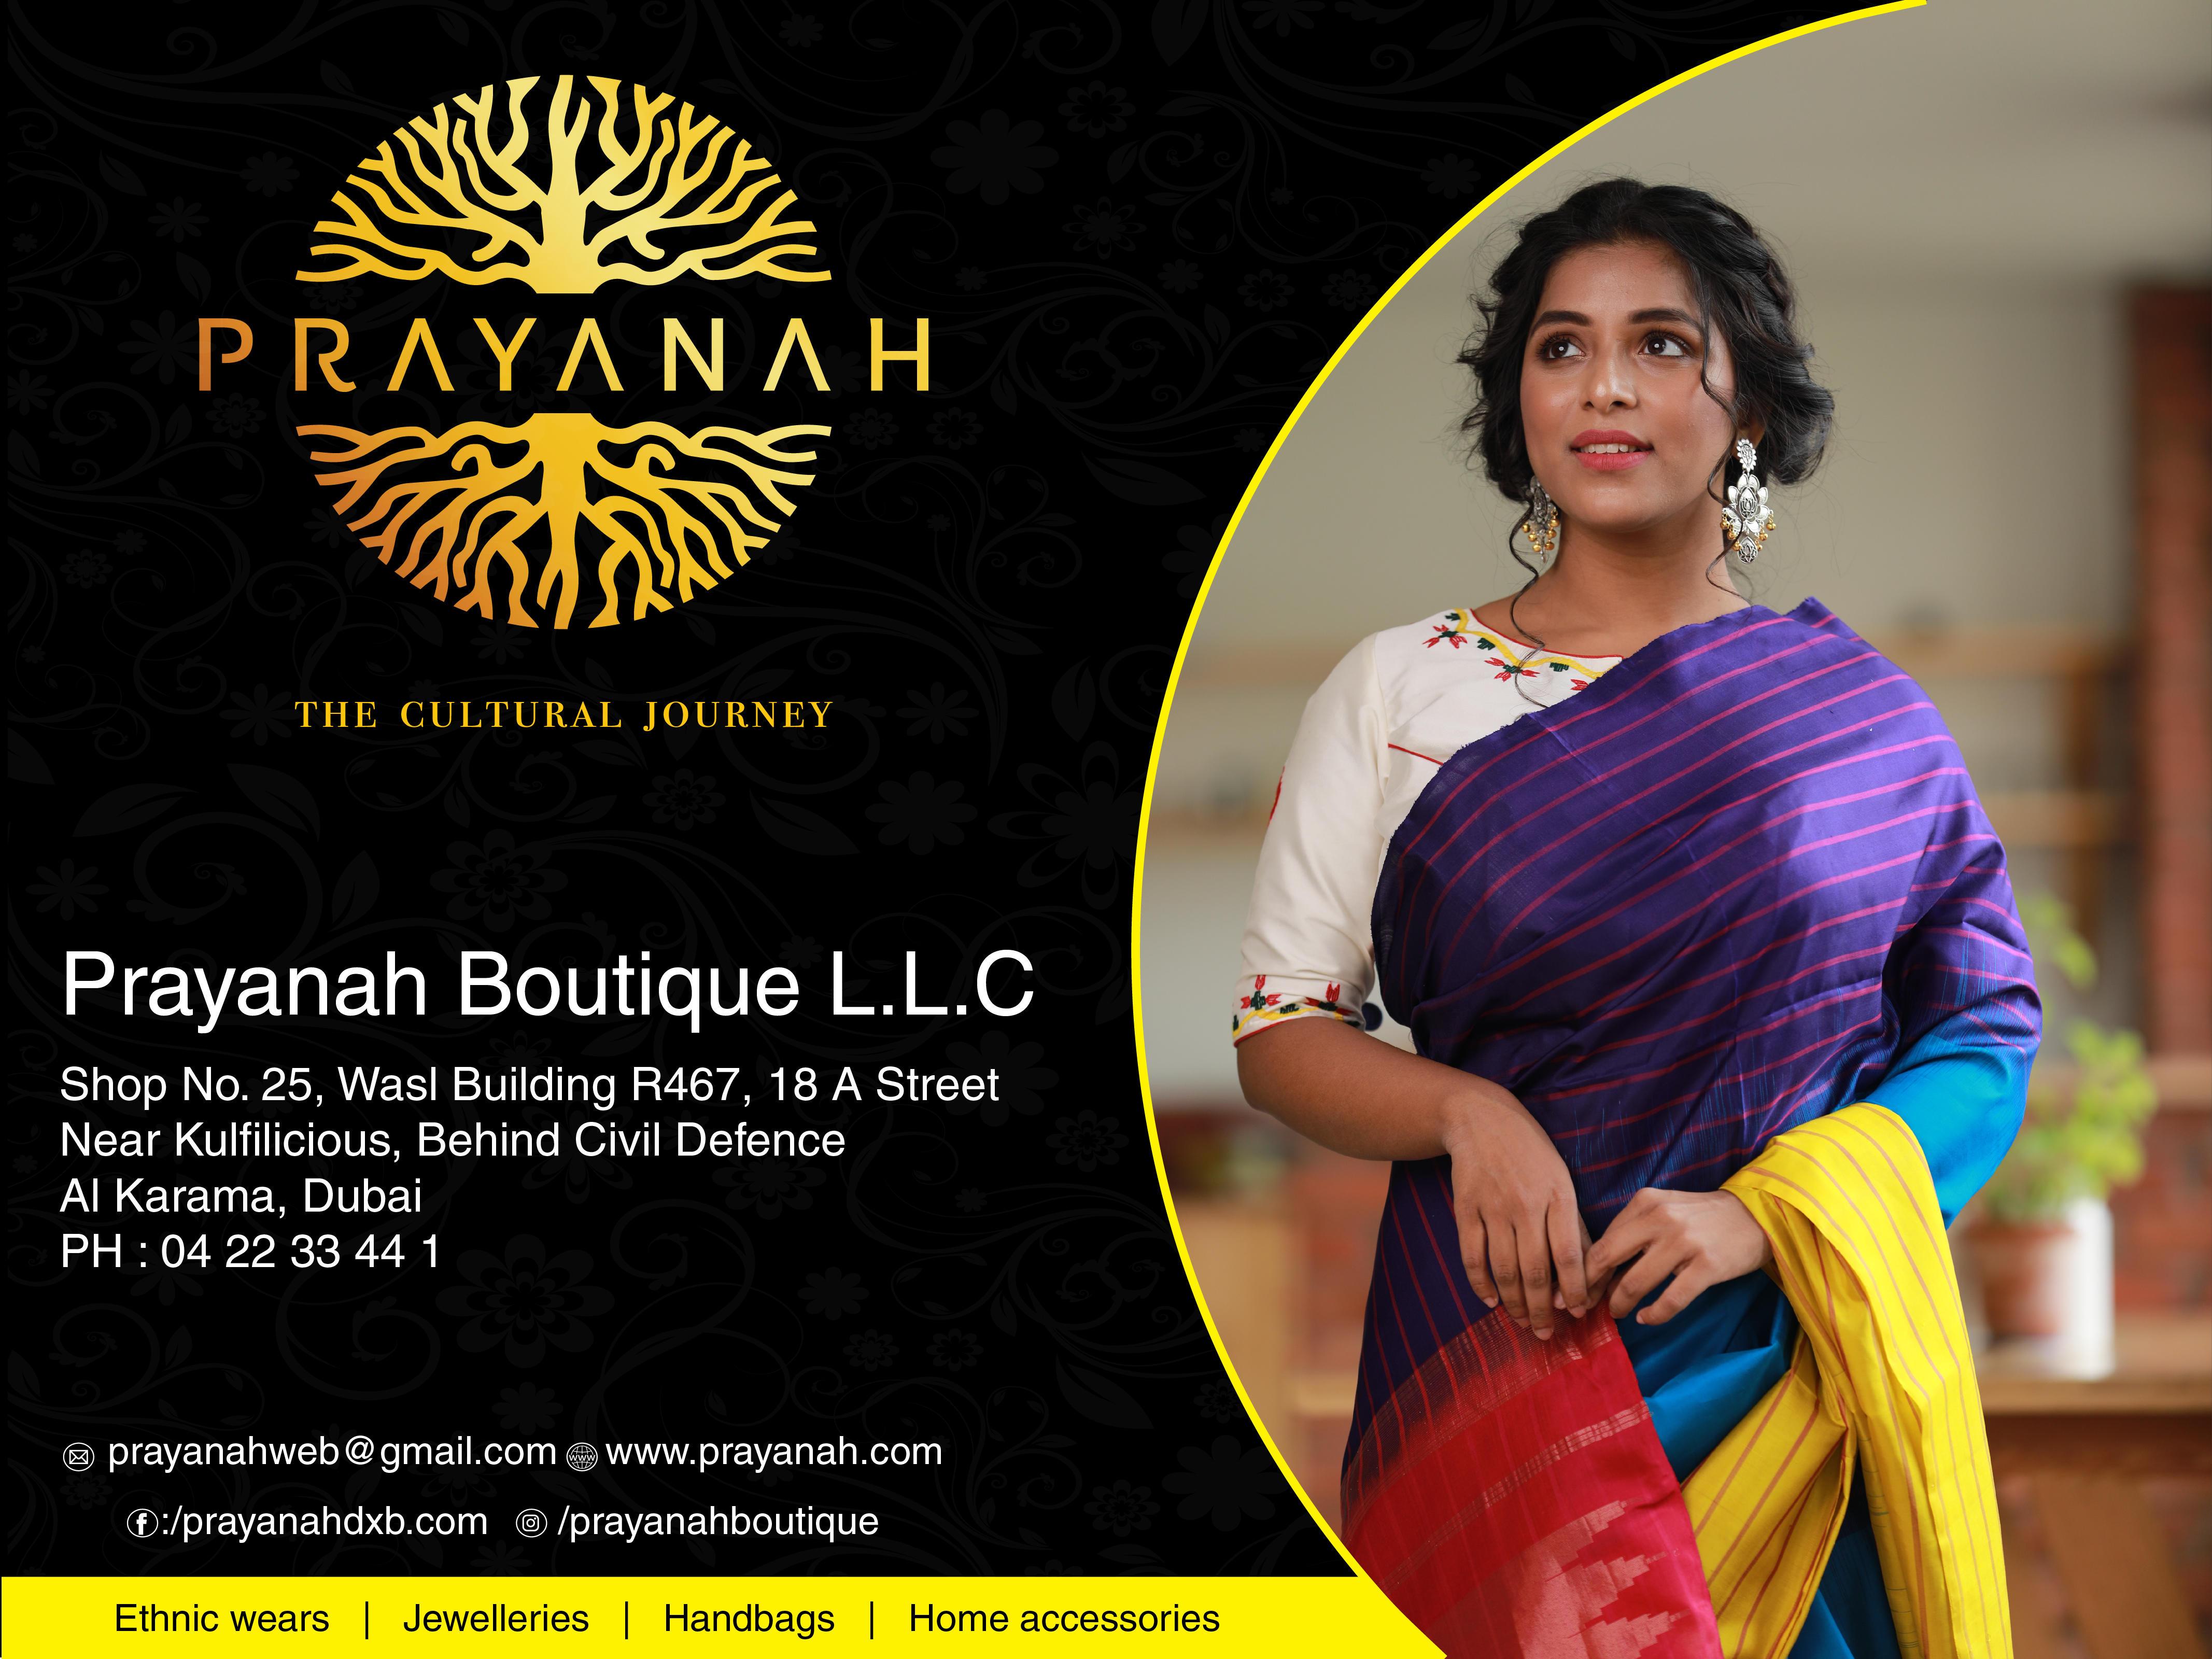 Prayanah Boutique